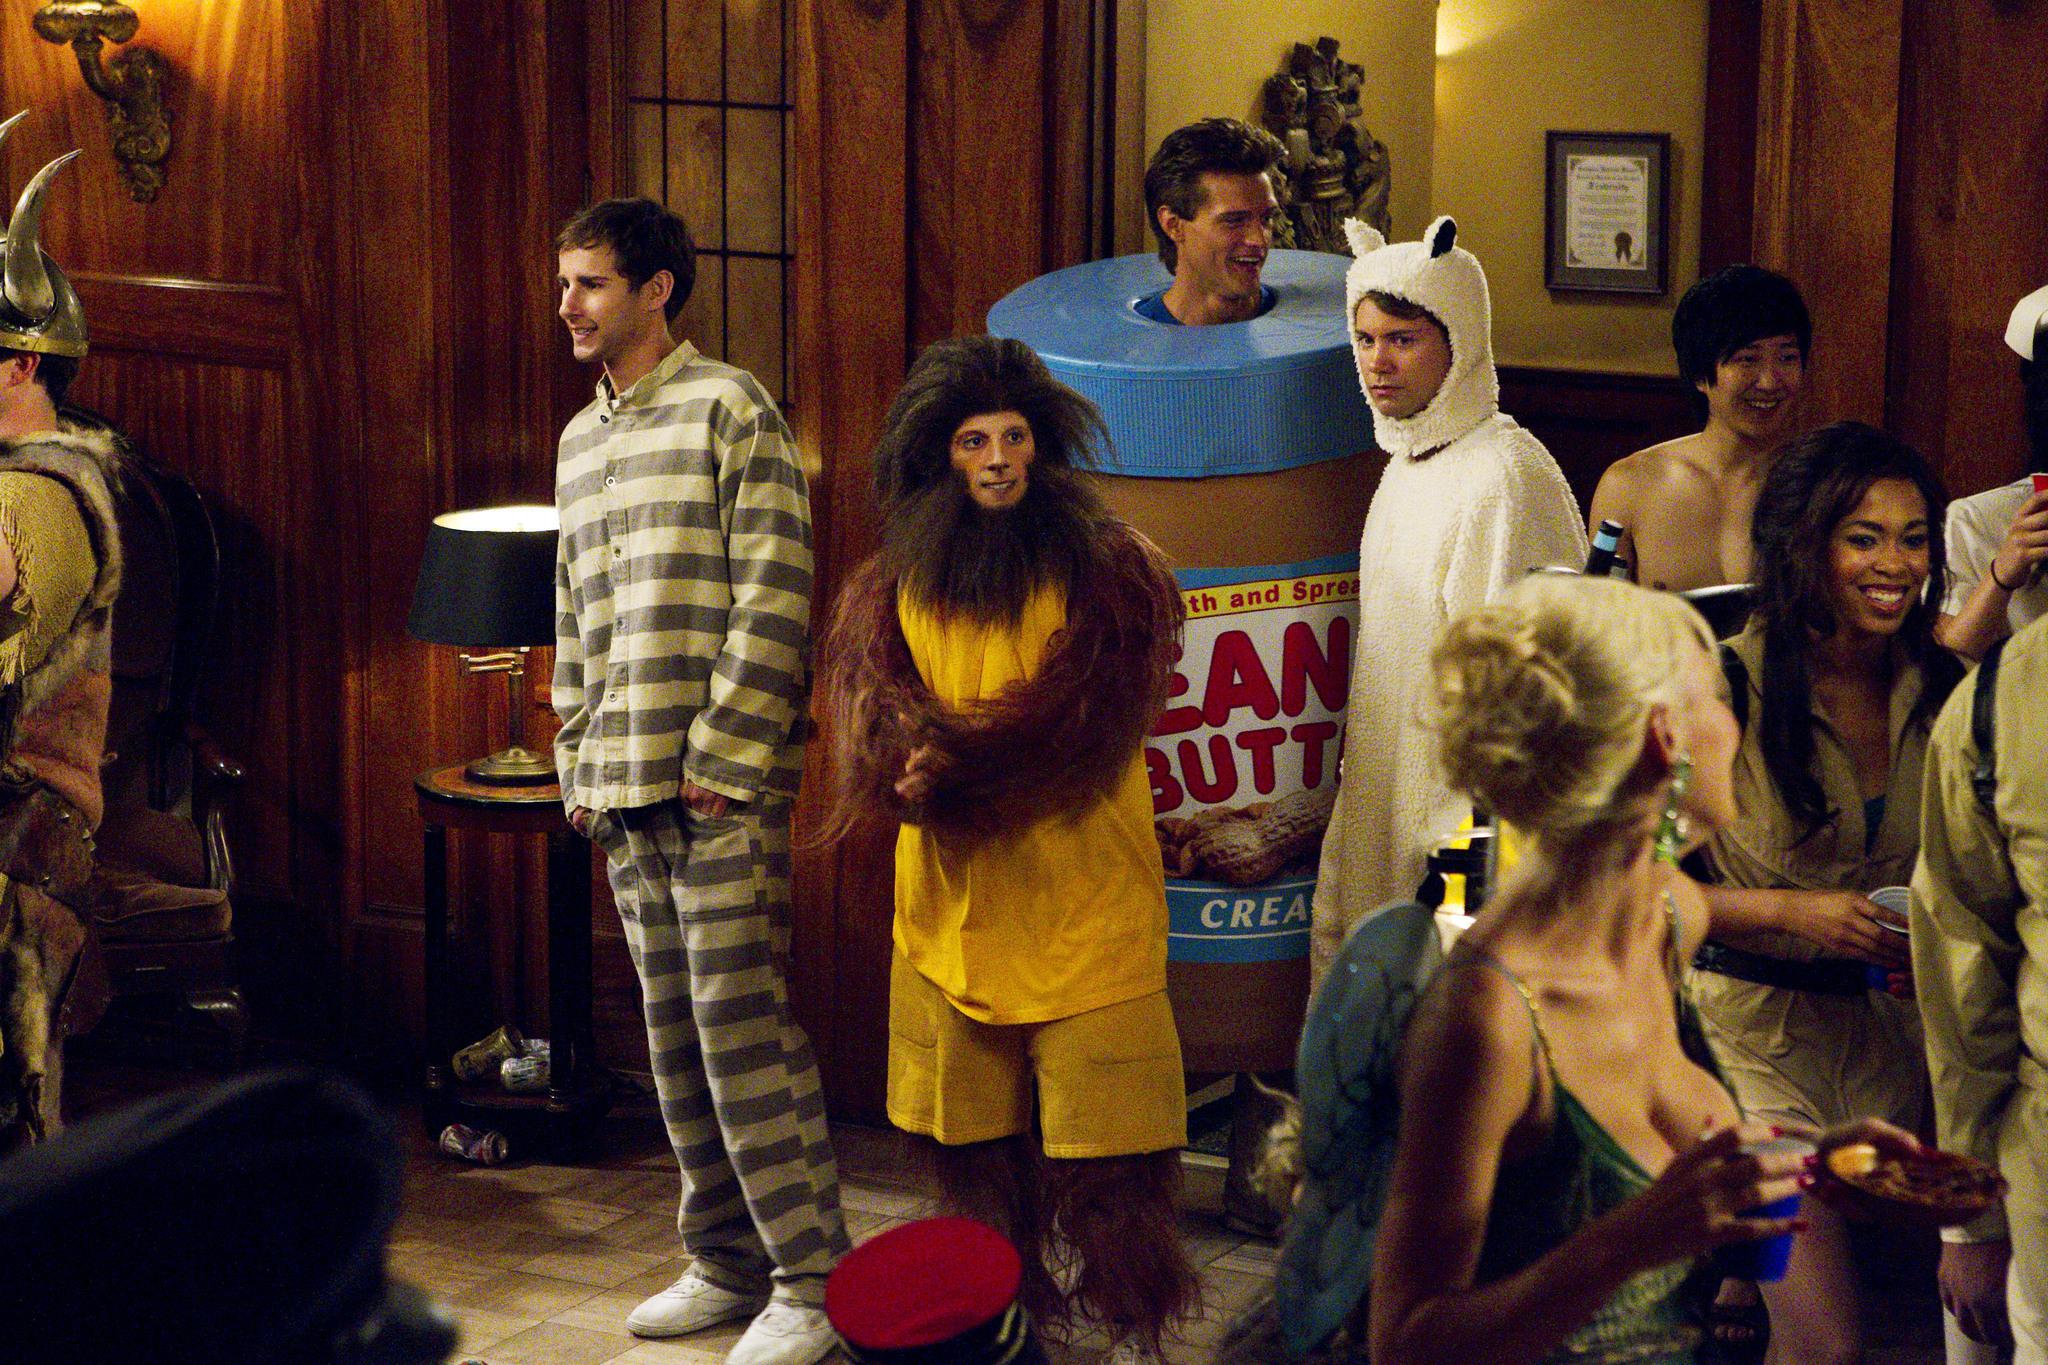 Drew Seeley, Matt Bush, Kelly Blatz, Hartley Sawyer, and Tim Jo in Glory Daze (2010)